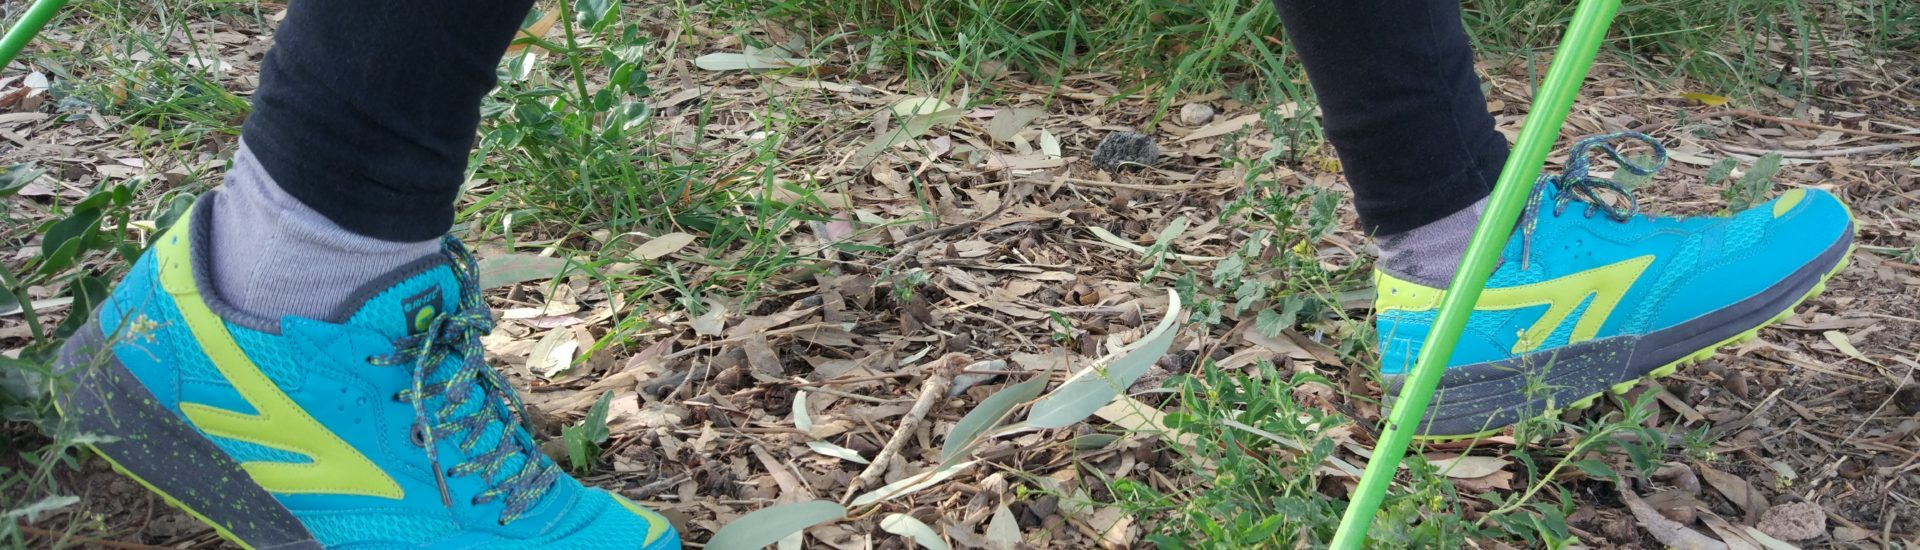 Marcha Nórdica zapatilla